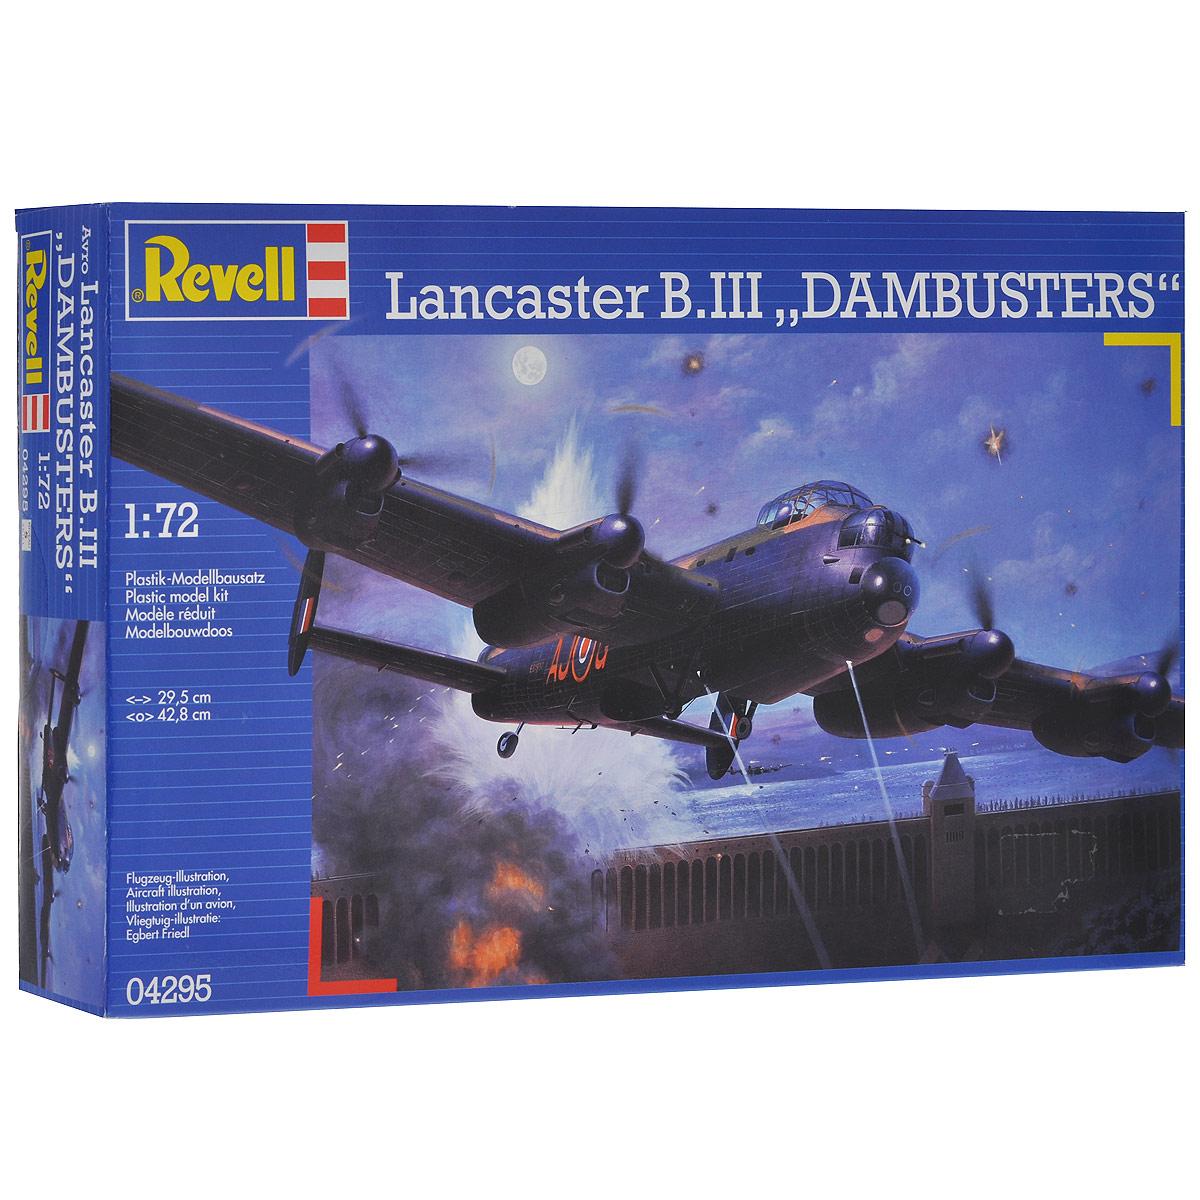 Сборная модель Revell Бомбардировщик Lancaster Dam Busters4295Сборная модель Revell Бомбардировщик Lancaster Dam Busters поможет вам и вашему ребенку придумать увлекательное занятие на долгое время. Набор включает в себя 224 пластиковых элемента, из которых можно собрать достоверную уменьшенную копию одноименного самолета-бомбардировщика. Самолеты данного типа совершили более 150 тысяч боевых вылетов. Всего ими было сброшено около 600 тысяч тонн бомб. Известность Ланкастеру принесла операция против немецких плотин в Руре, в которой были задействованы эти машины. Всего было произведено 7377 экземпляров. В ряде стран самолет состоял на вооружении до 1963 года. Также в наборе схематичная инструкция по сборке. Процесс сборки развивает интеллектуальные и инструментальные способности, воображение и конструктивное мышление, а также прививает практические навыки работы со схемами и чертежами. Уровень сложности: 5. УВАЖАЕМЫЕ КЛИЕНТЫ! Обращаем ваше внимание на тот факт, что элементы для сборки не покрашены. Клей и...